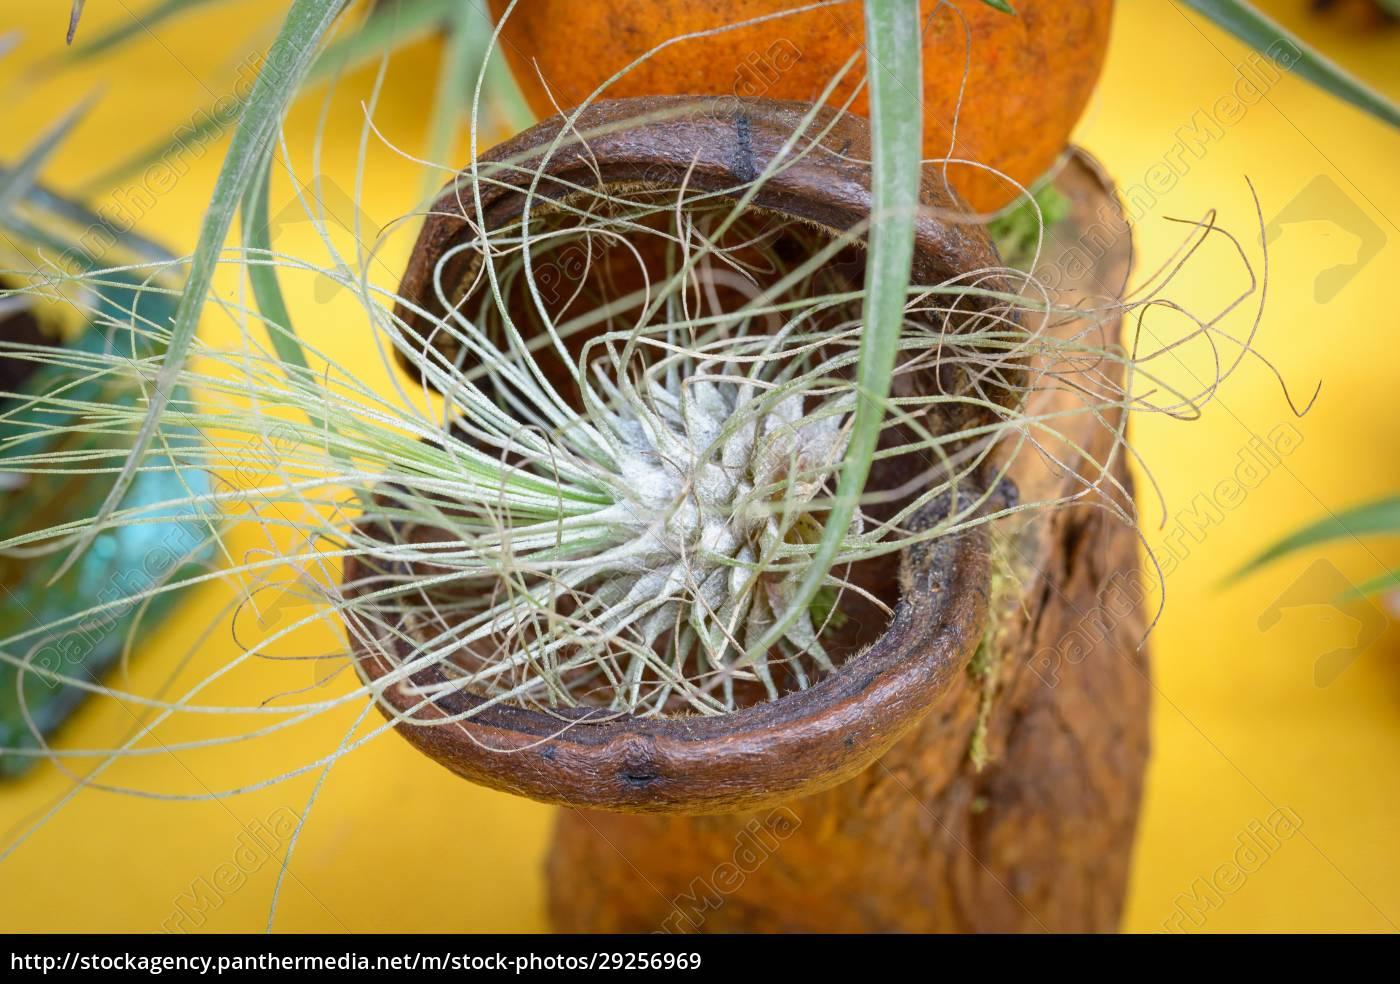 tillandsia, plants - 29256969